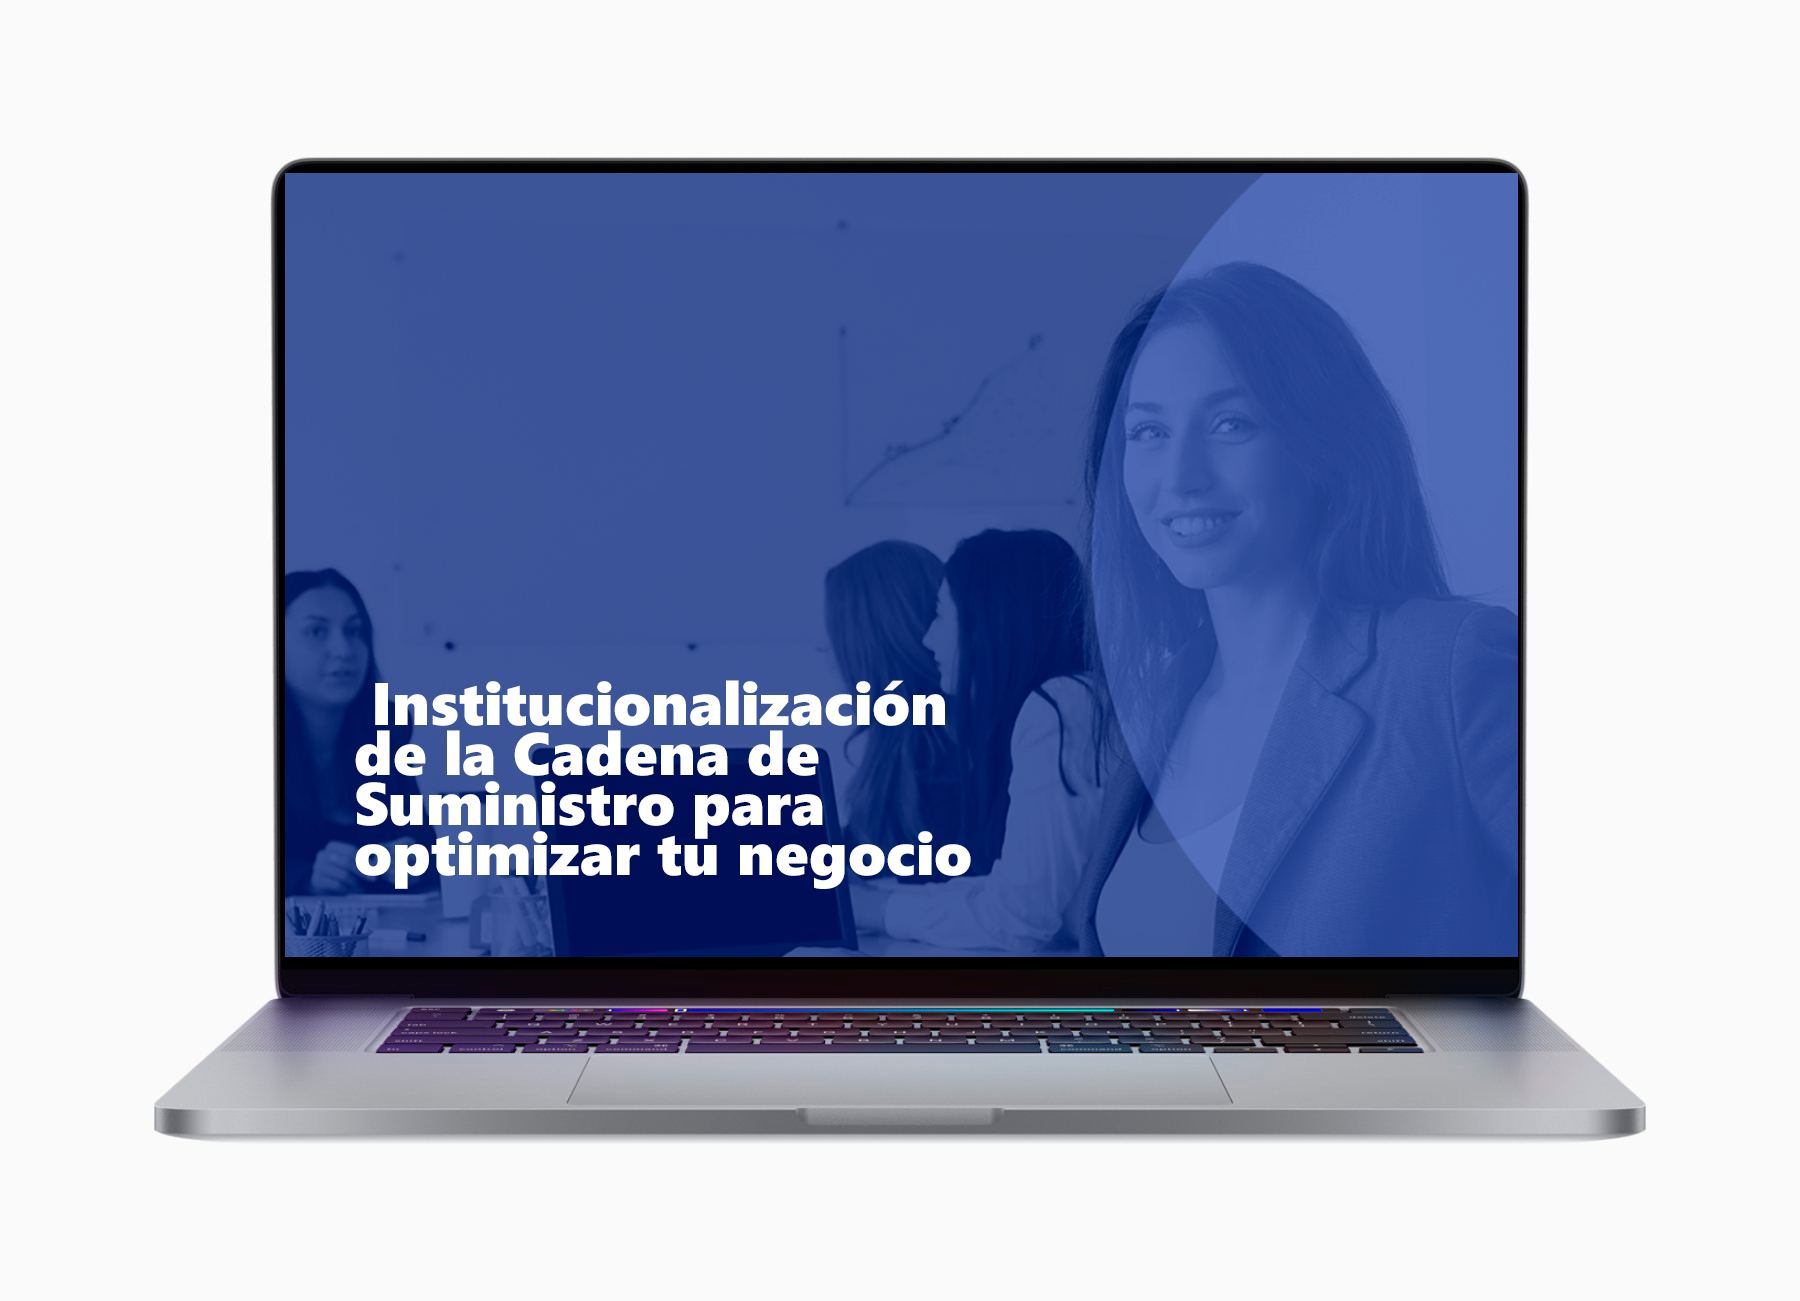 webinar-lap--Institucionalización-de-la-Cadena-de-Suministro-para-optimizar-tu-negocio